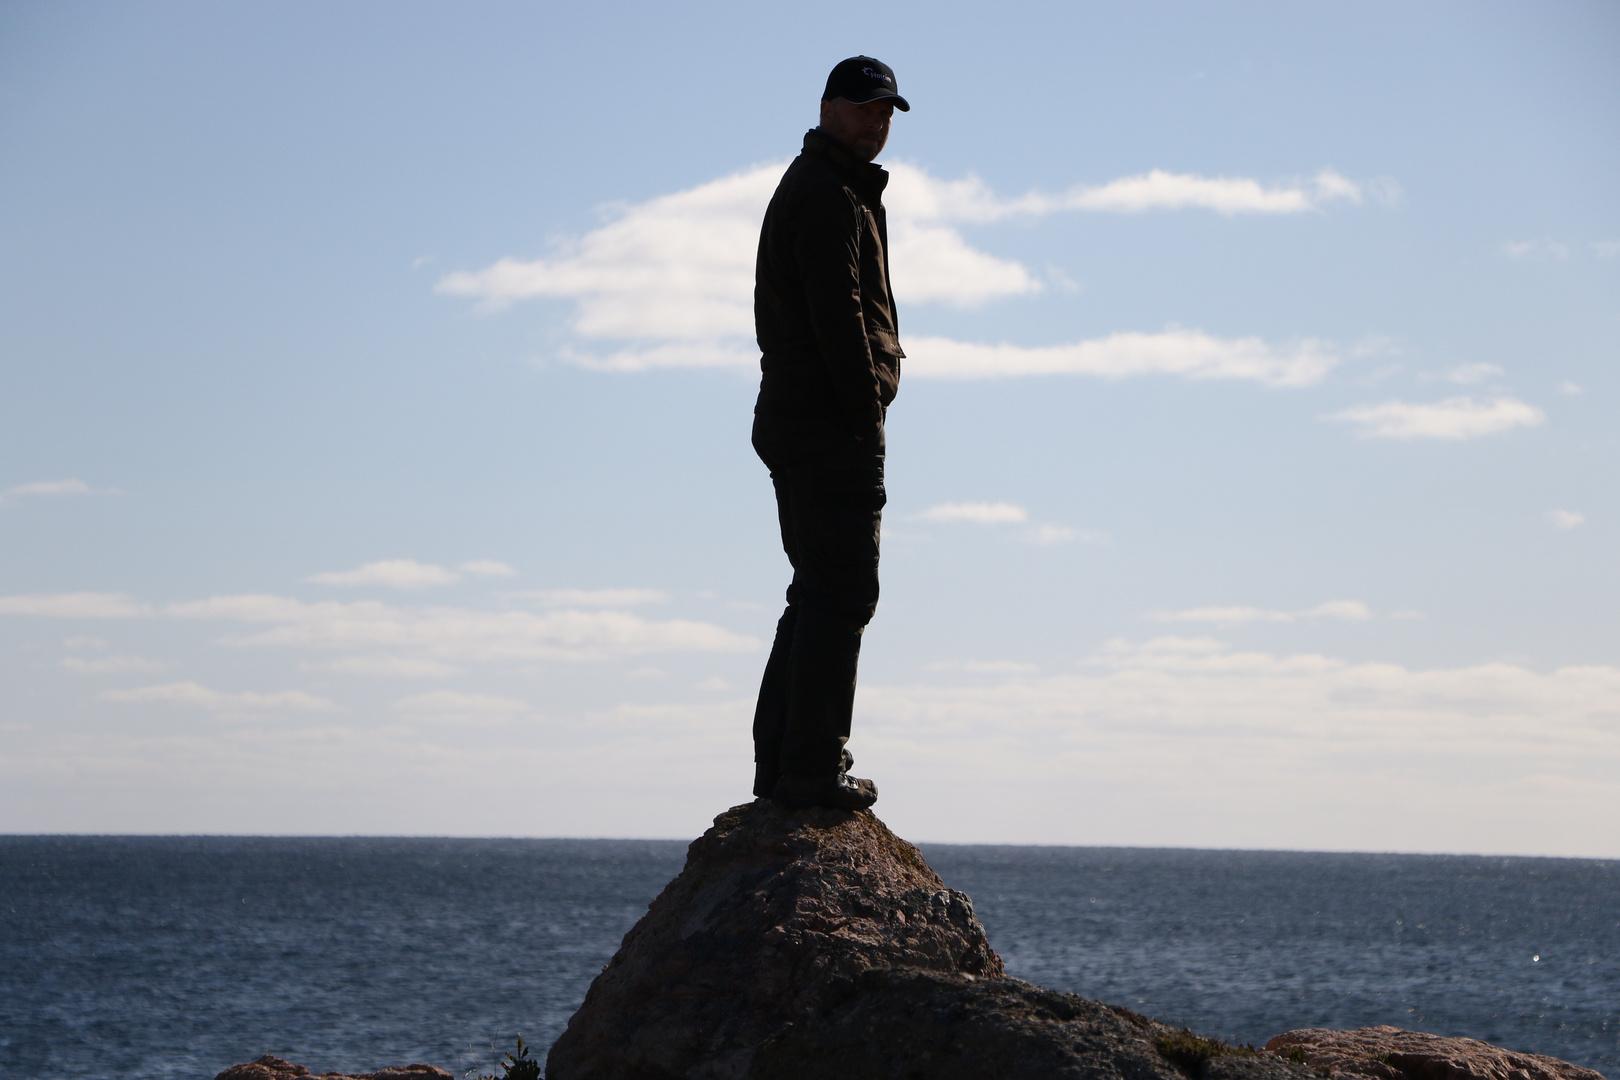 Mein Vater vor dem Atlantik